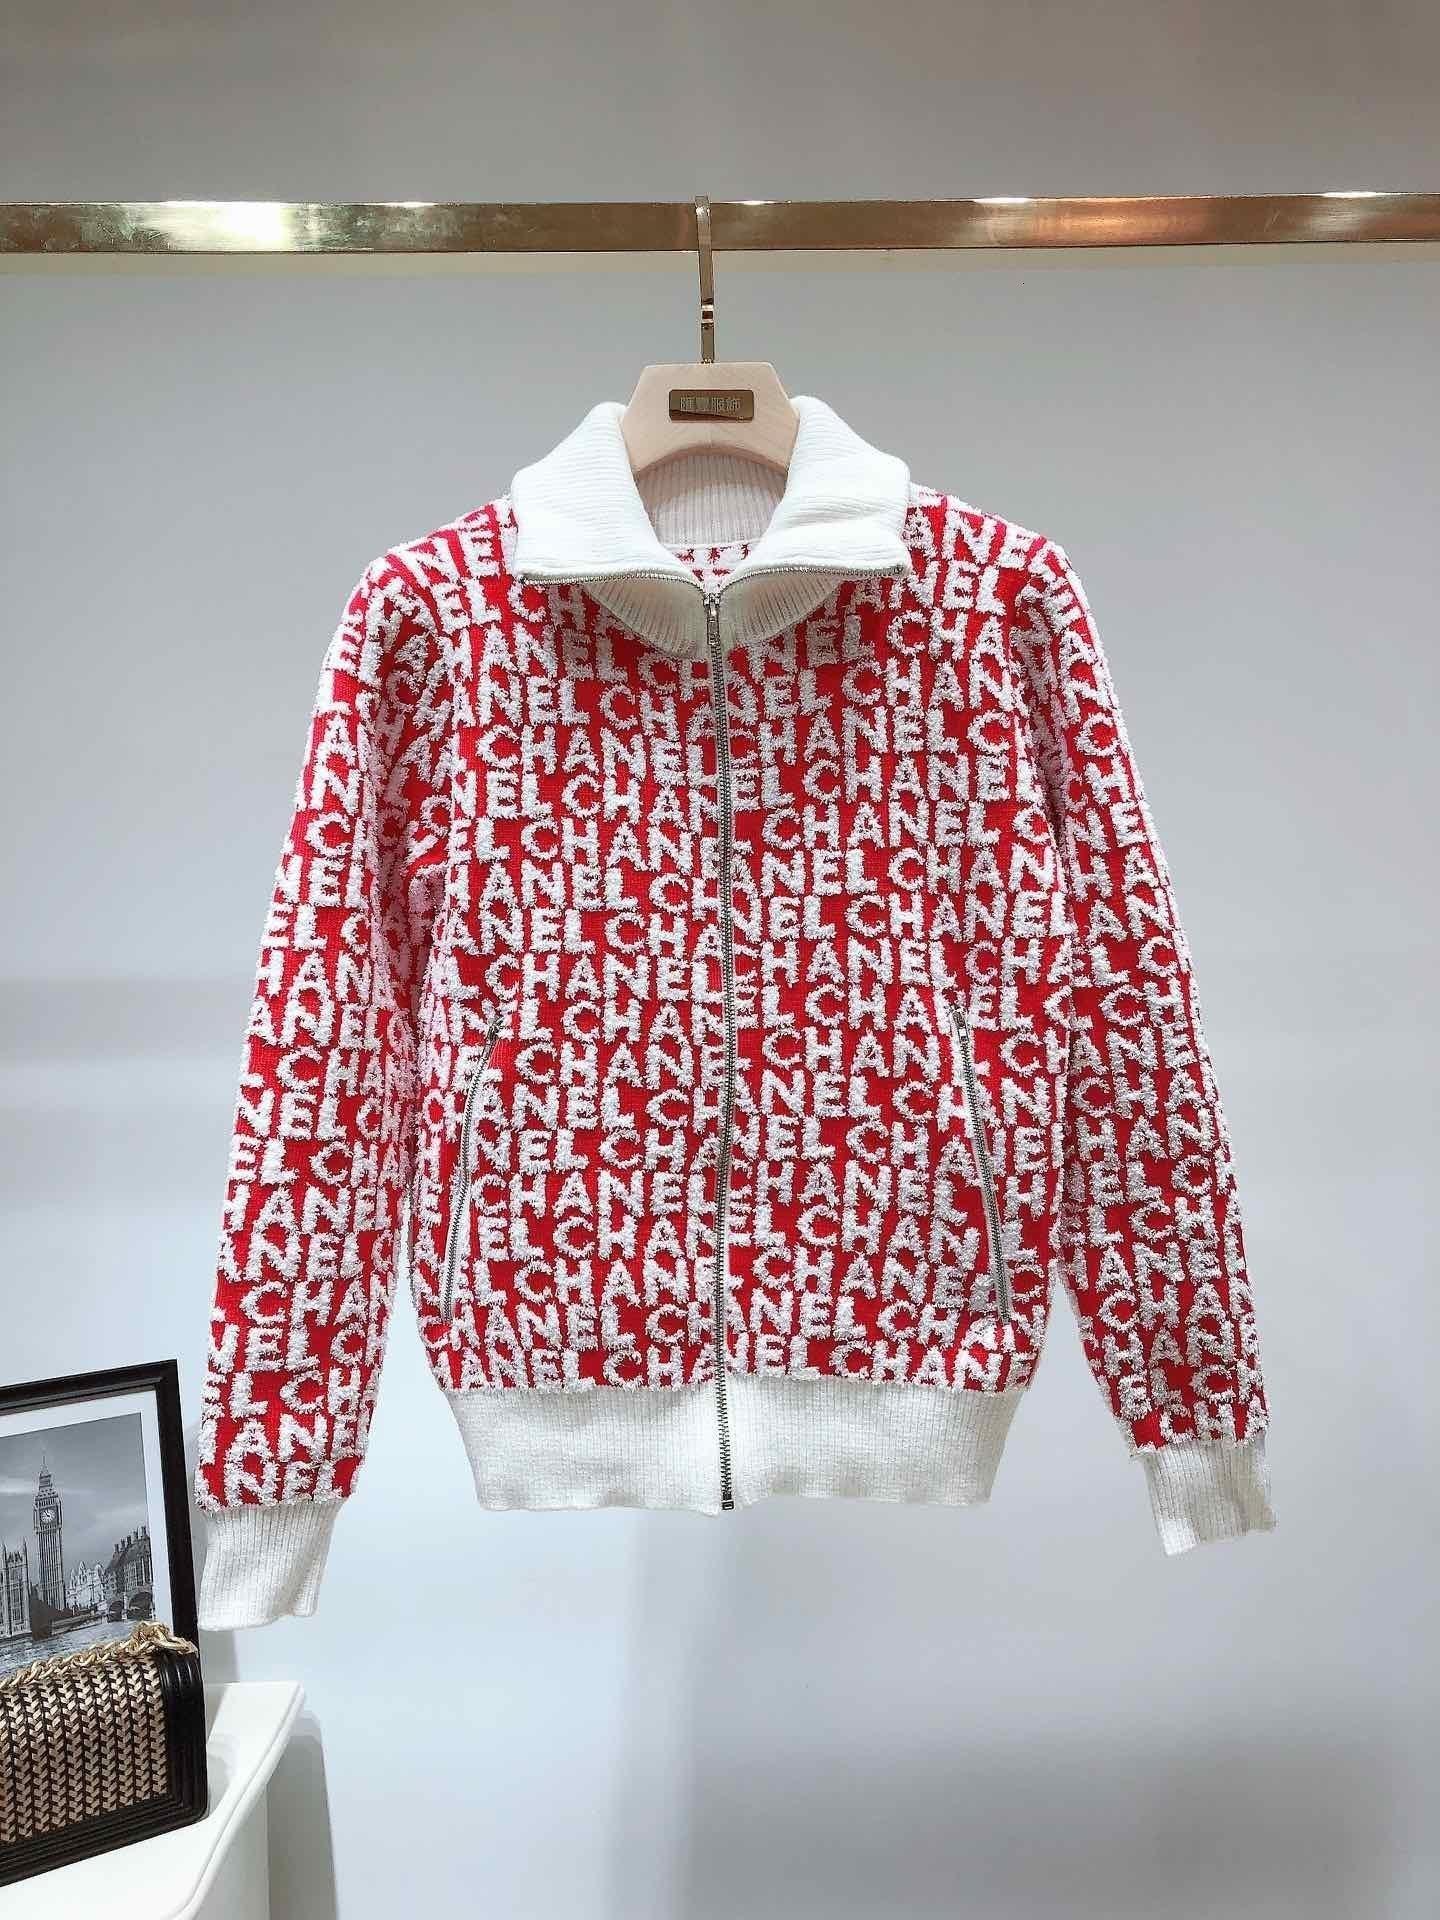 2019 New mulheres jaqueta queda de emenda camisola mulheres elegantes encabeça cardigan jaqueta de outono inverno lazer zipper roupas femininas free shopping 71